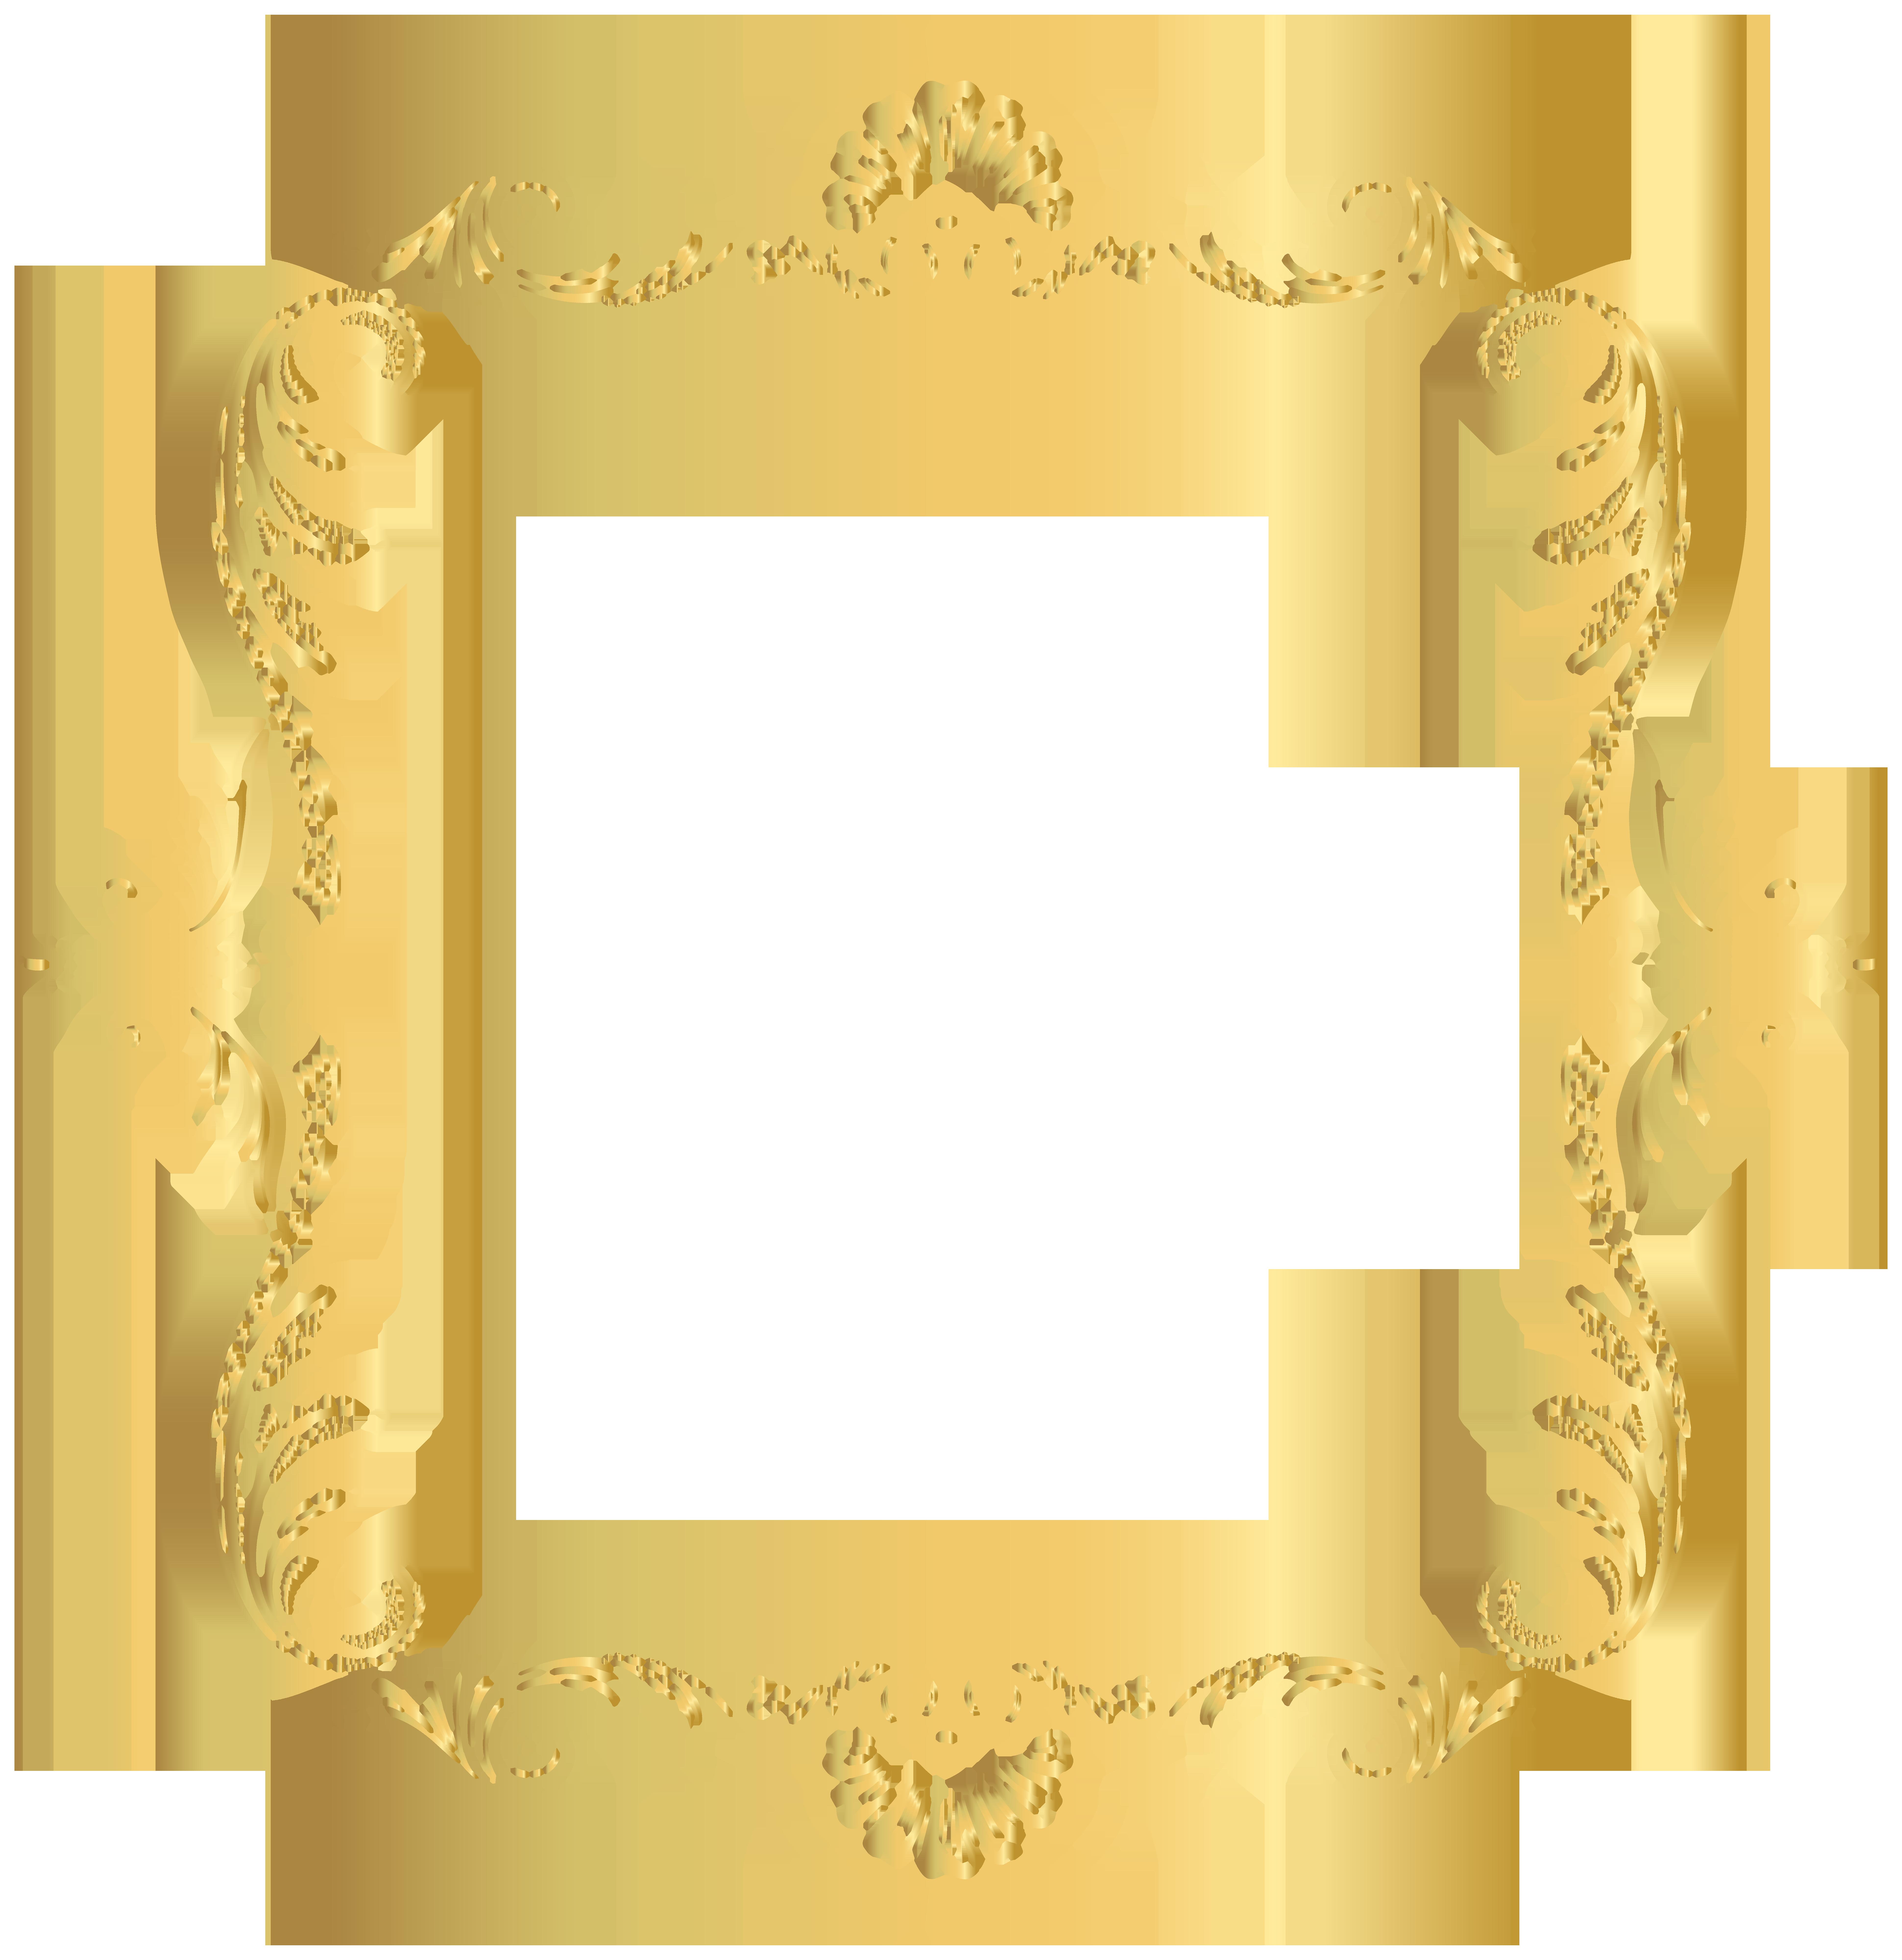 Vintage border png. Frame gold clip art